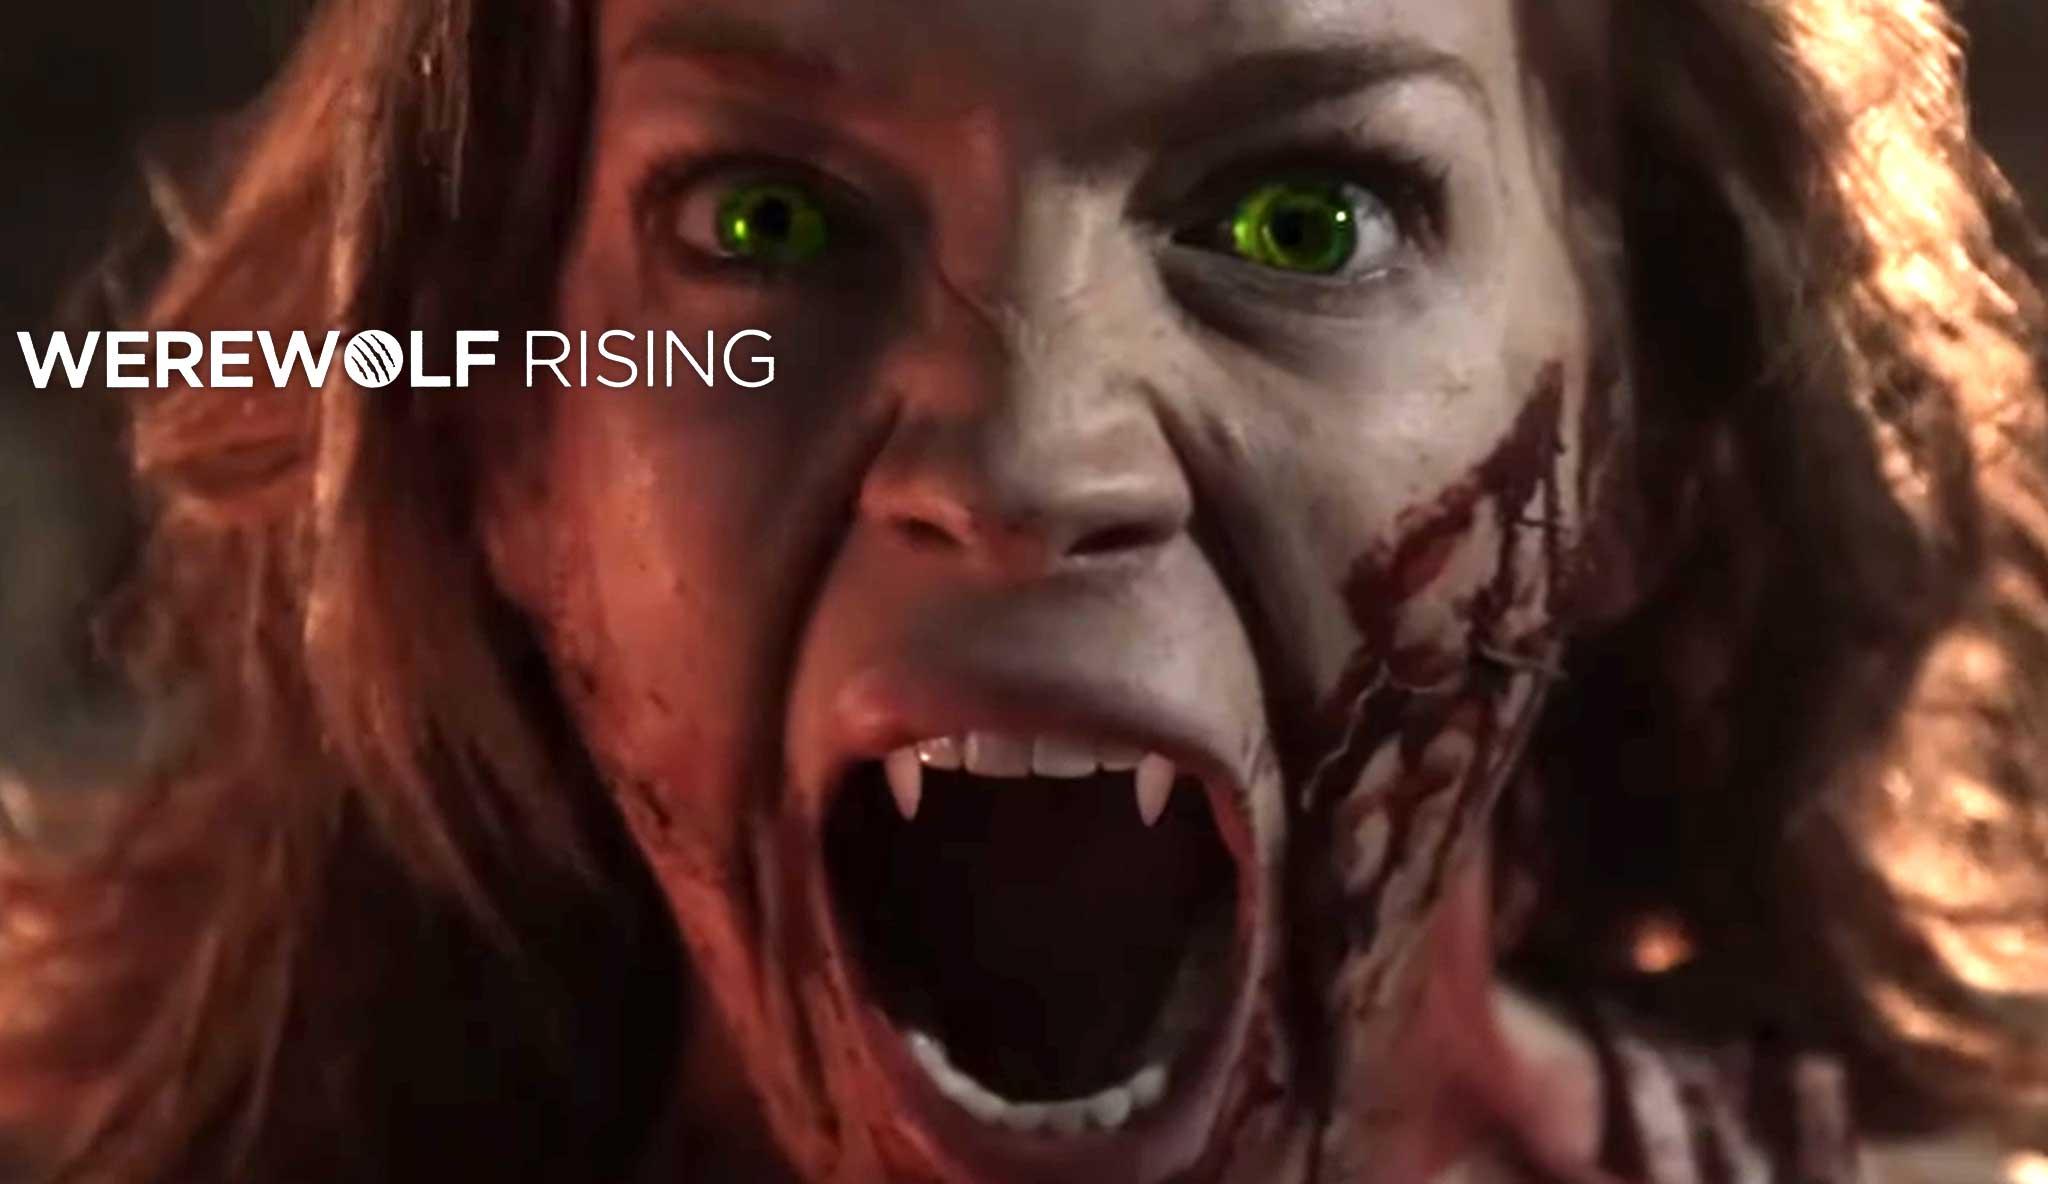 werewolf-rising\header.jpg